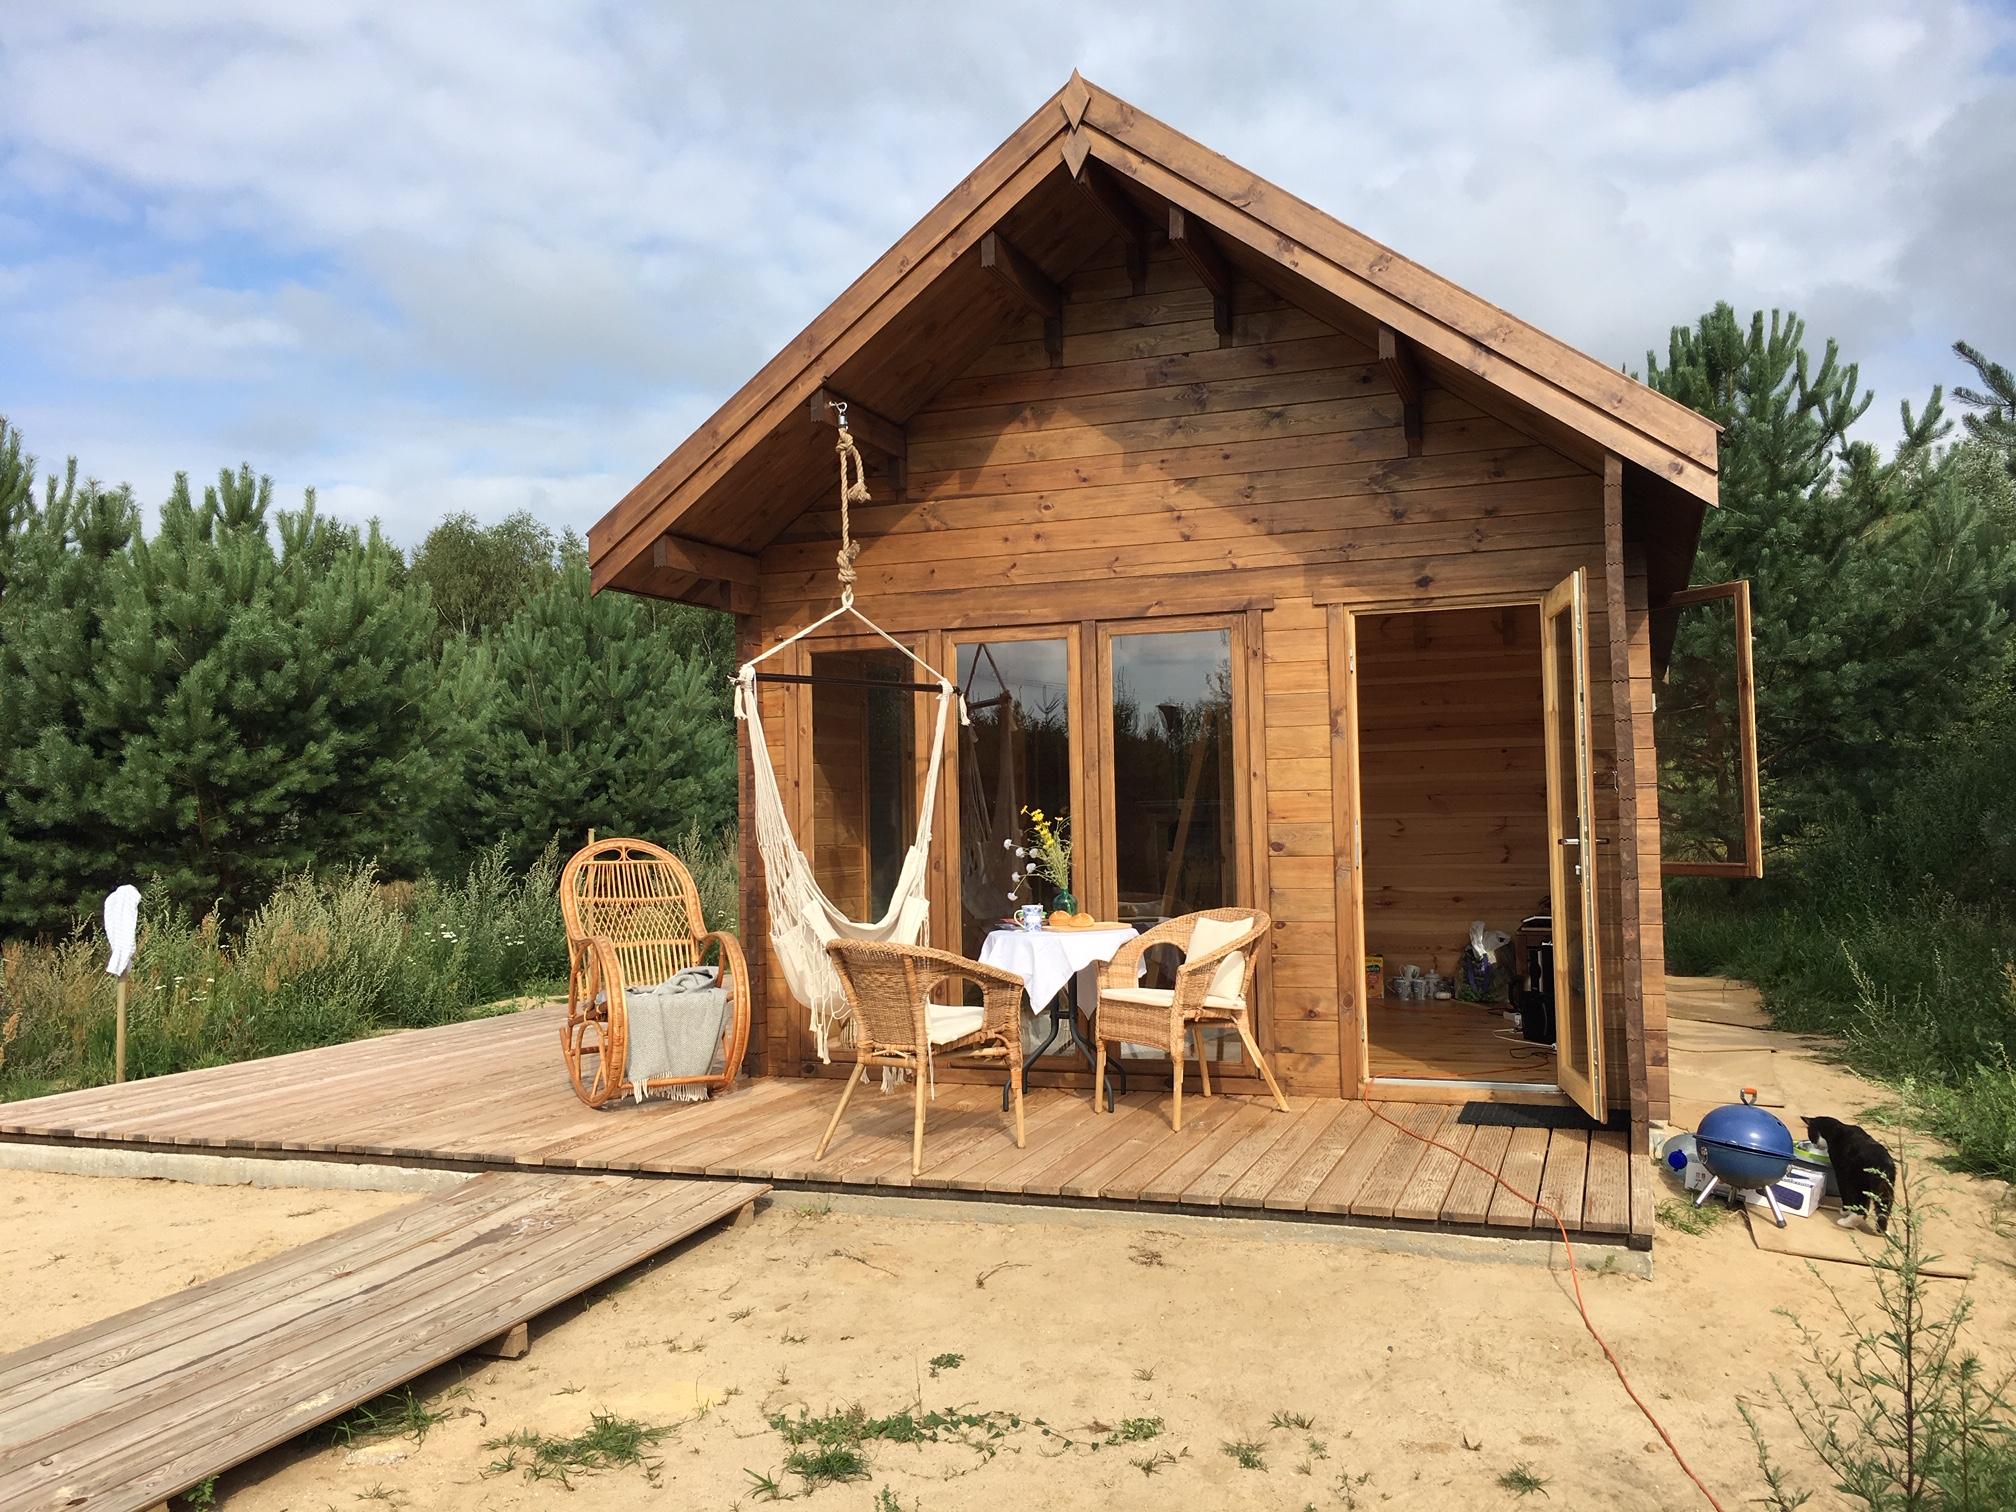 Ventajas de las casas prefabricadas de madera.